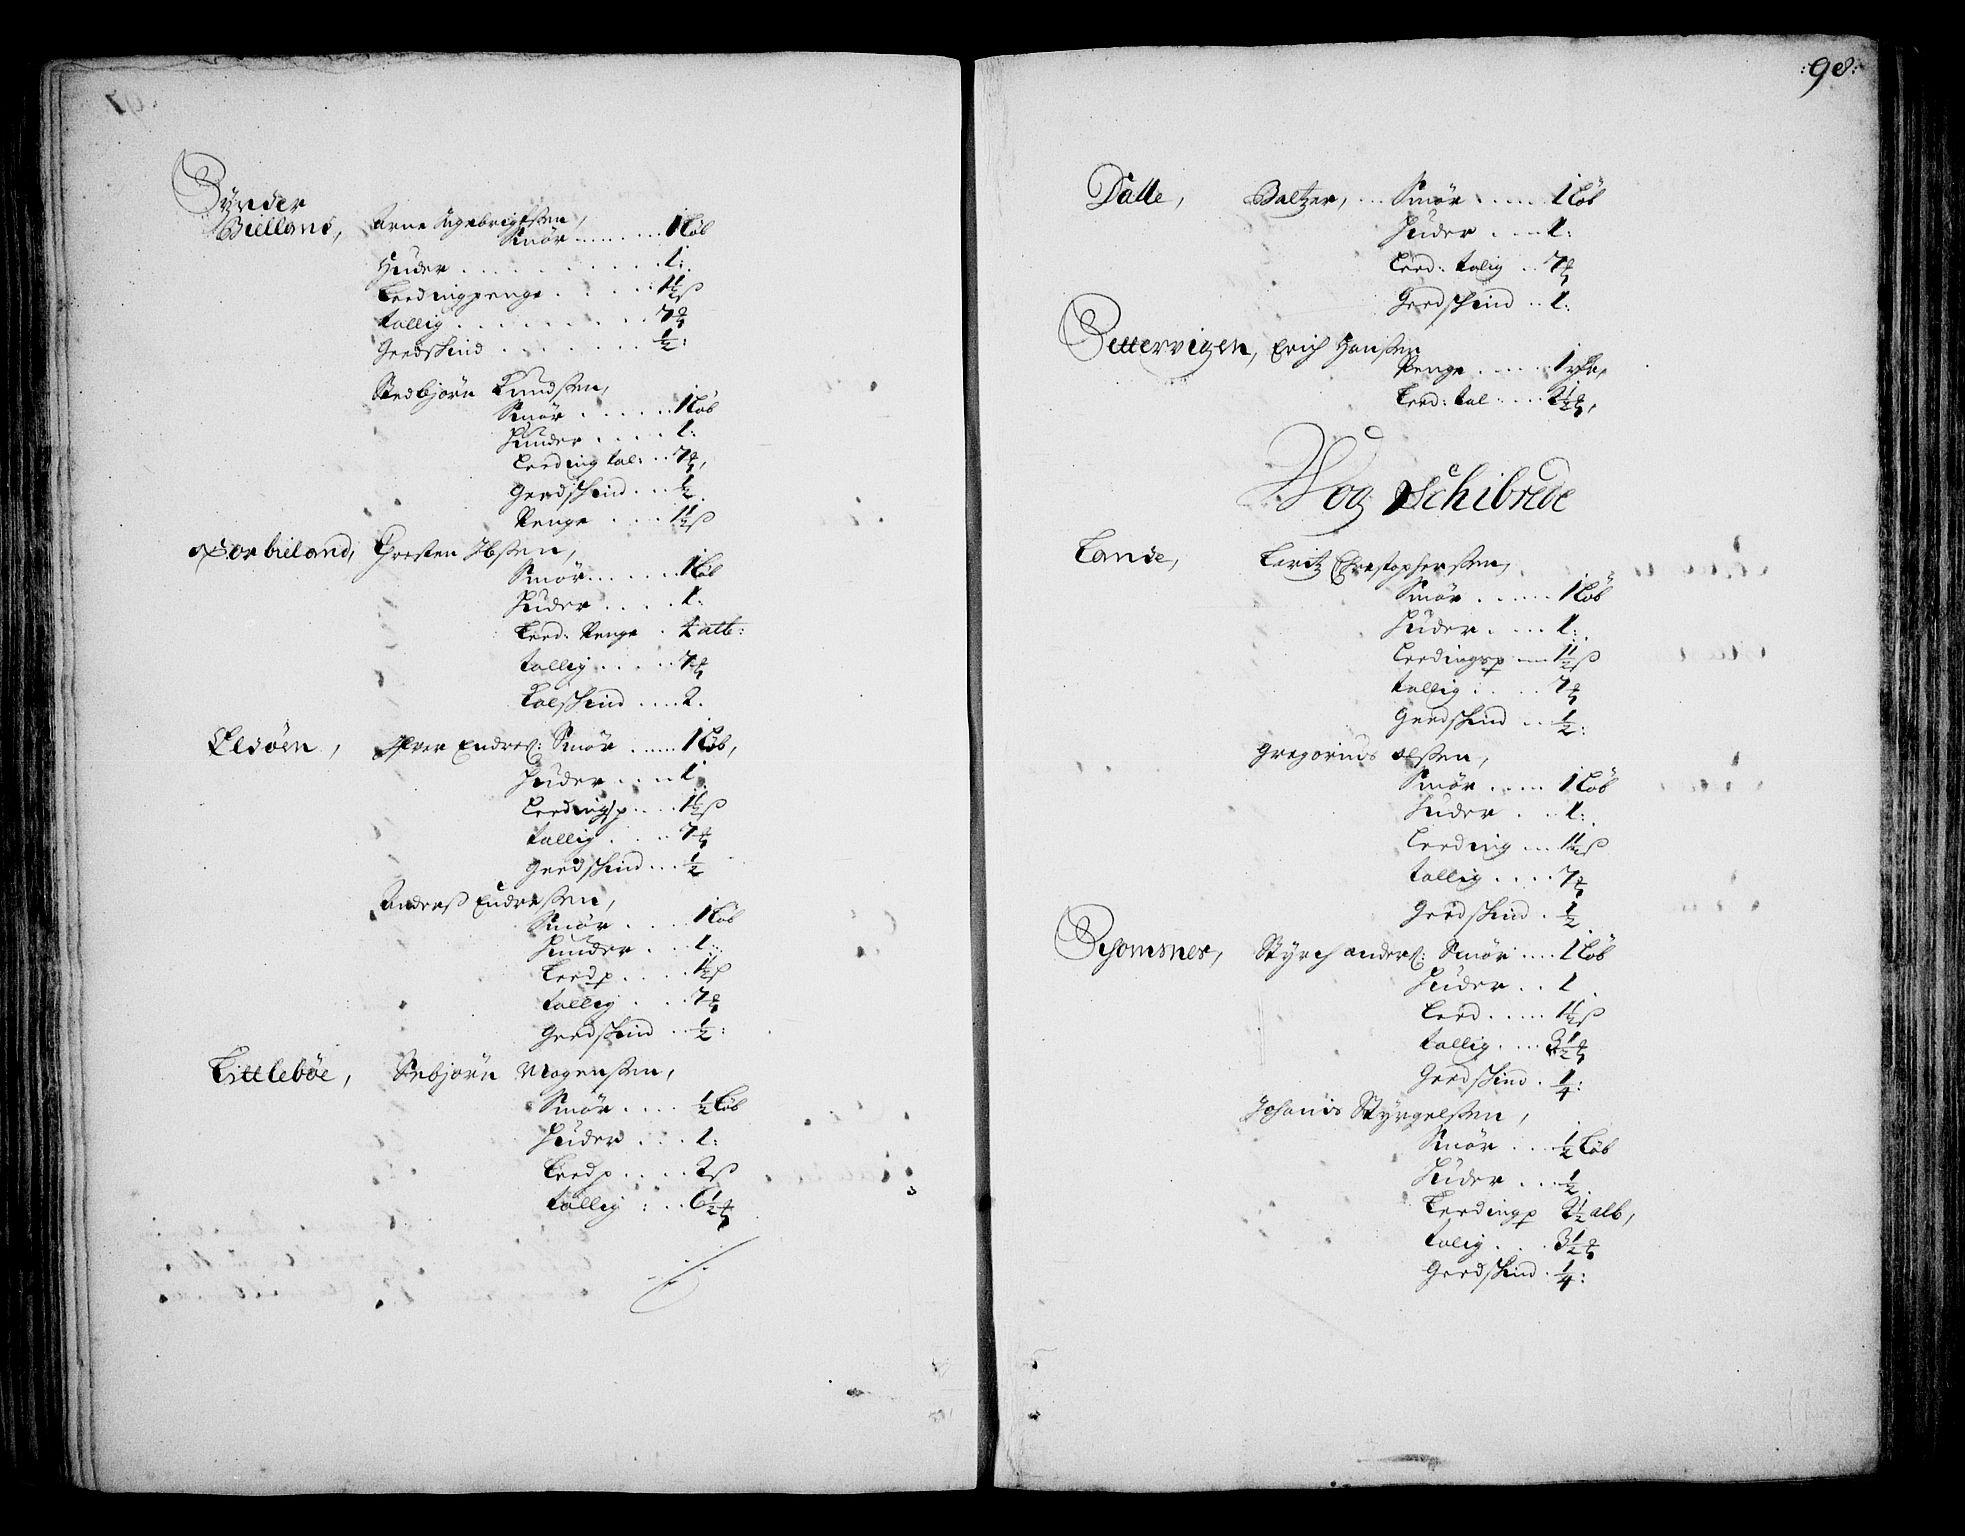 RA, Rentekammeret inntil 1814, Realistisk ordnet avdeling, On/L0002: [Jj 3]: Besiktigelsesforretninger over Halsnøy klosters gods, 1659-1703, s. 97b-98a